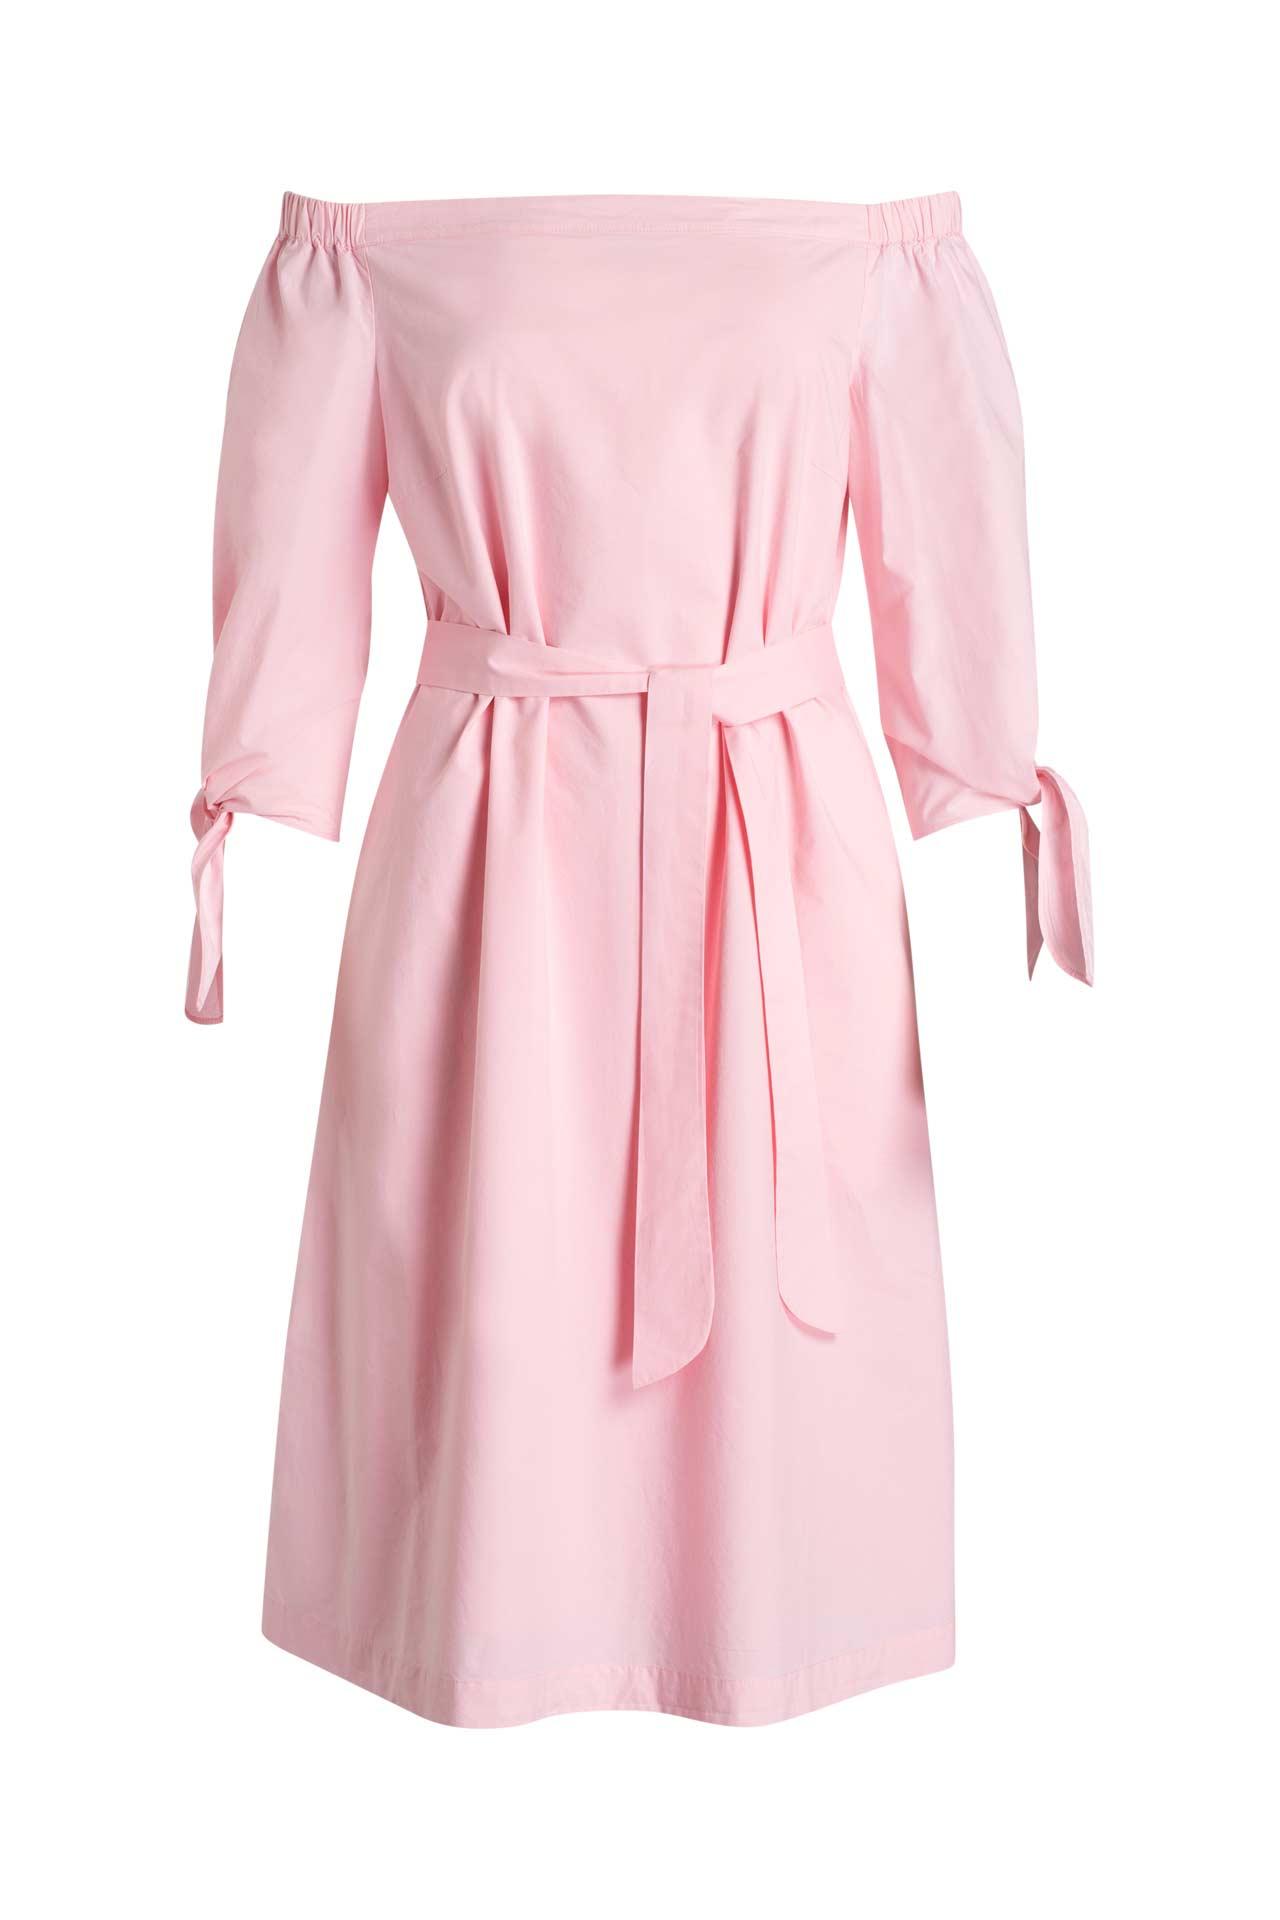 Casual-Kleid rosa - MARC O'POLO » günstig online kaufen ...